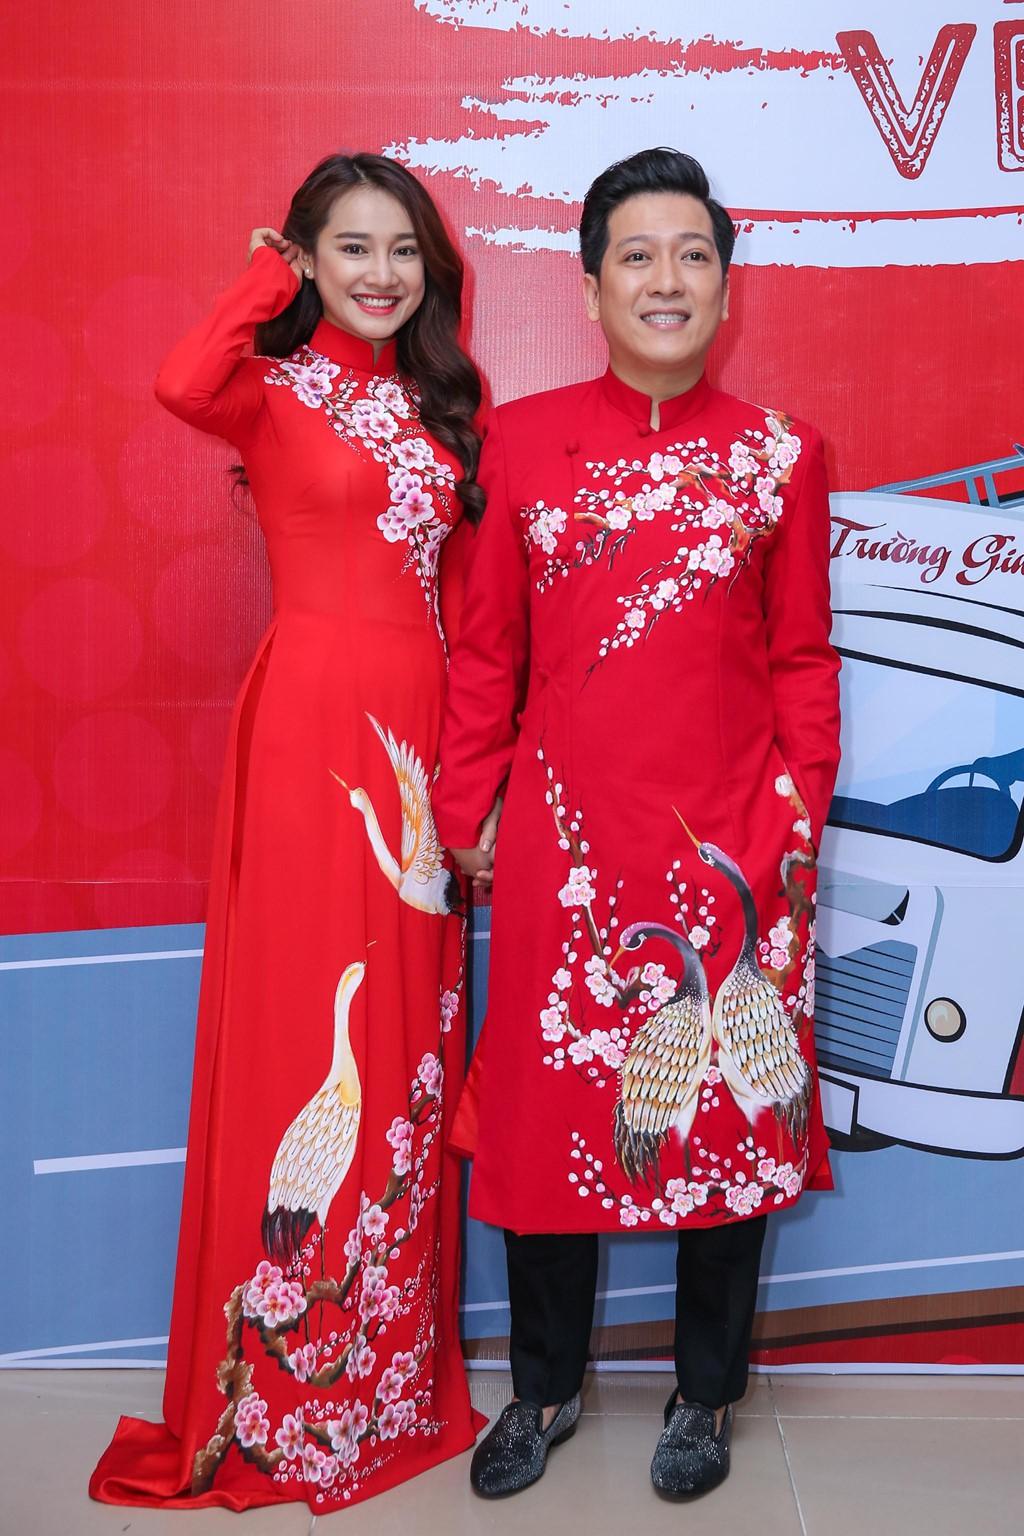 Nếu kết hôn với Trường Giang, Nhã Phương sẽ chọn trang phục nào cho ngày trọng đại? - Ảnh 2.